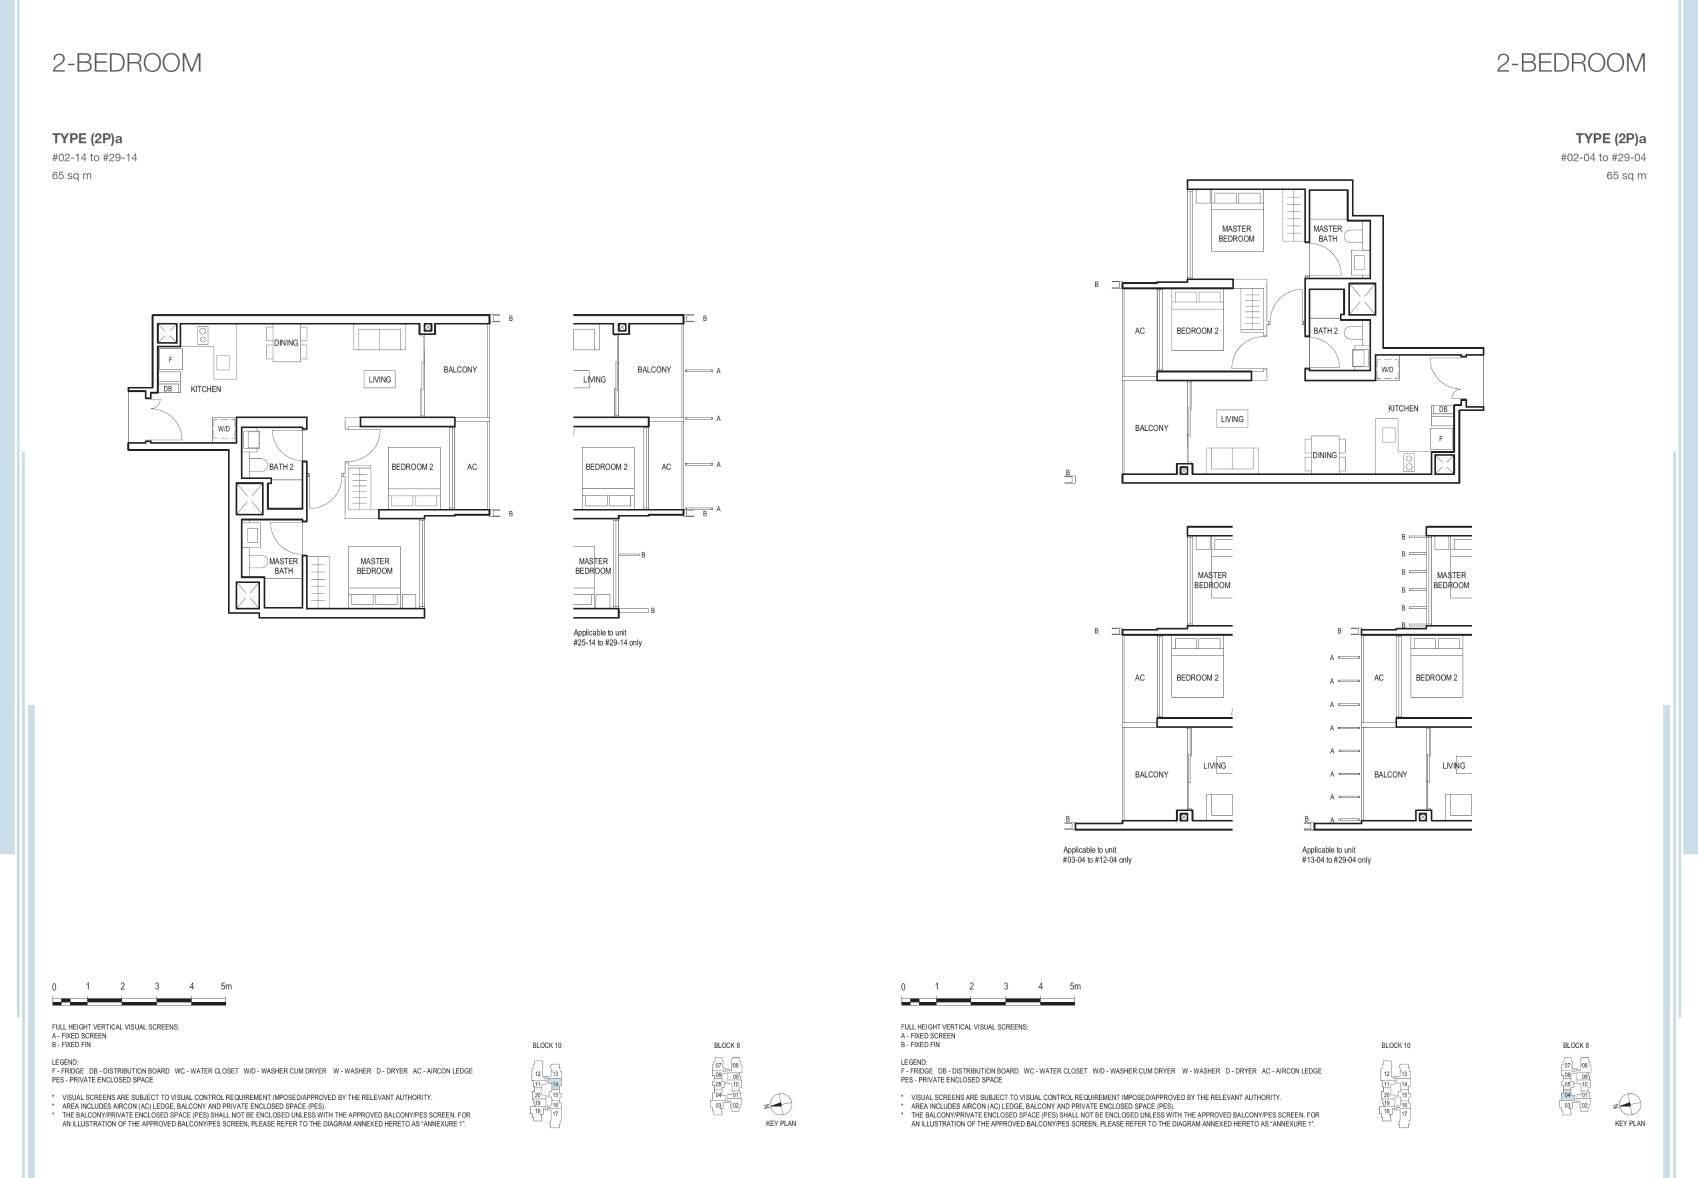 Midwood Midwood Floorplan 2Pa